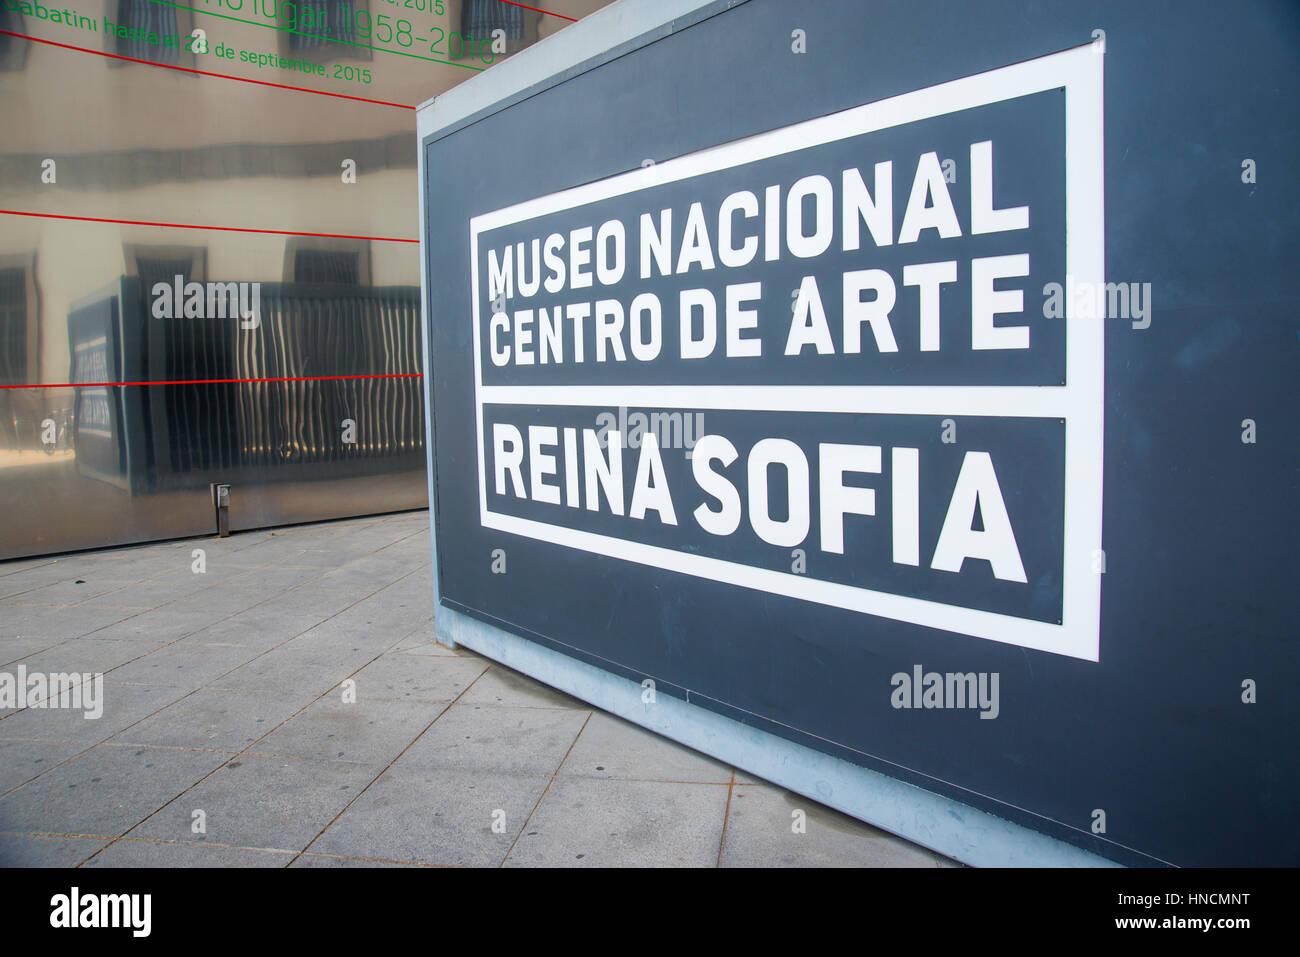 Entrance. Centro de Arte Reina Sofia National Museum, Madrid, Spain. - Stock Image